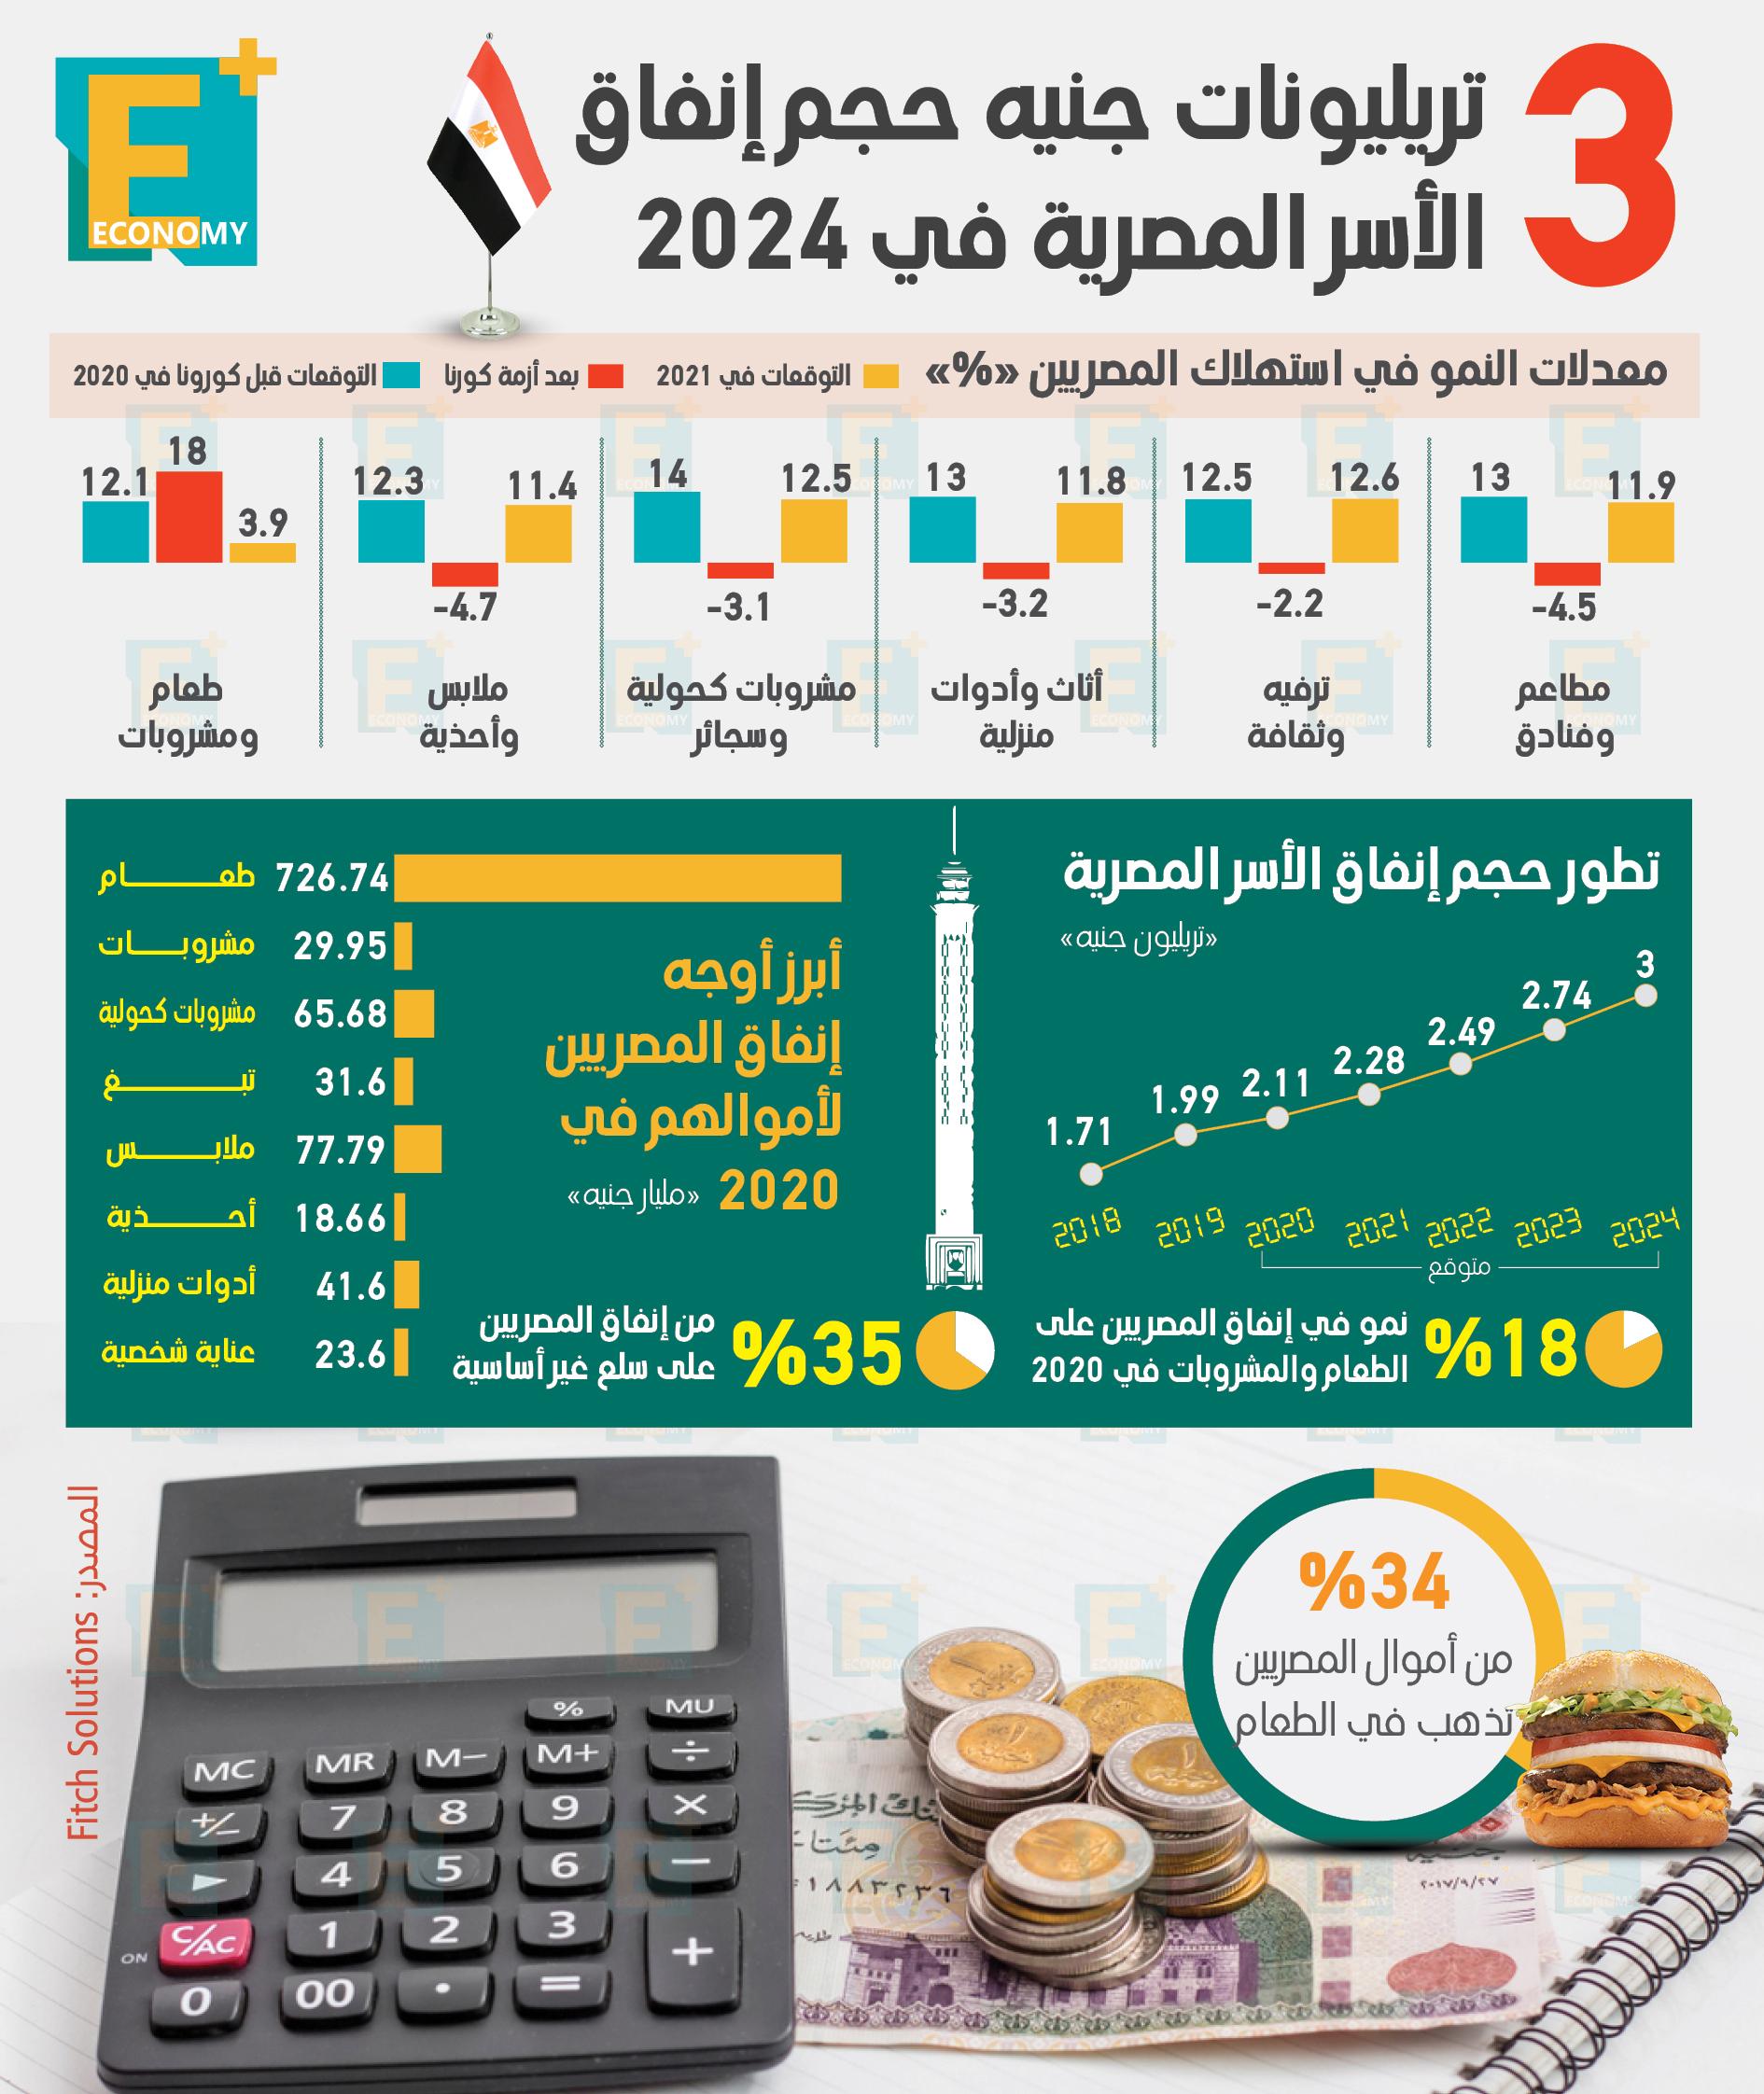 3 تريليونات جنيه حجم إنفاق الأسر المصرية في 2024